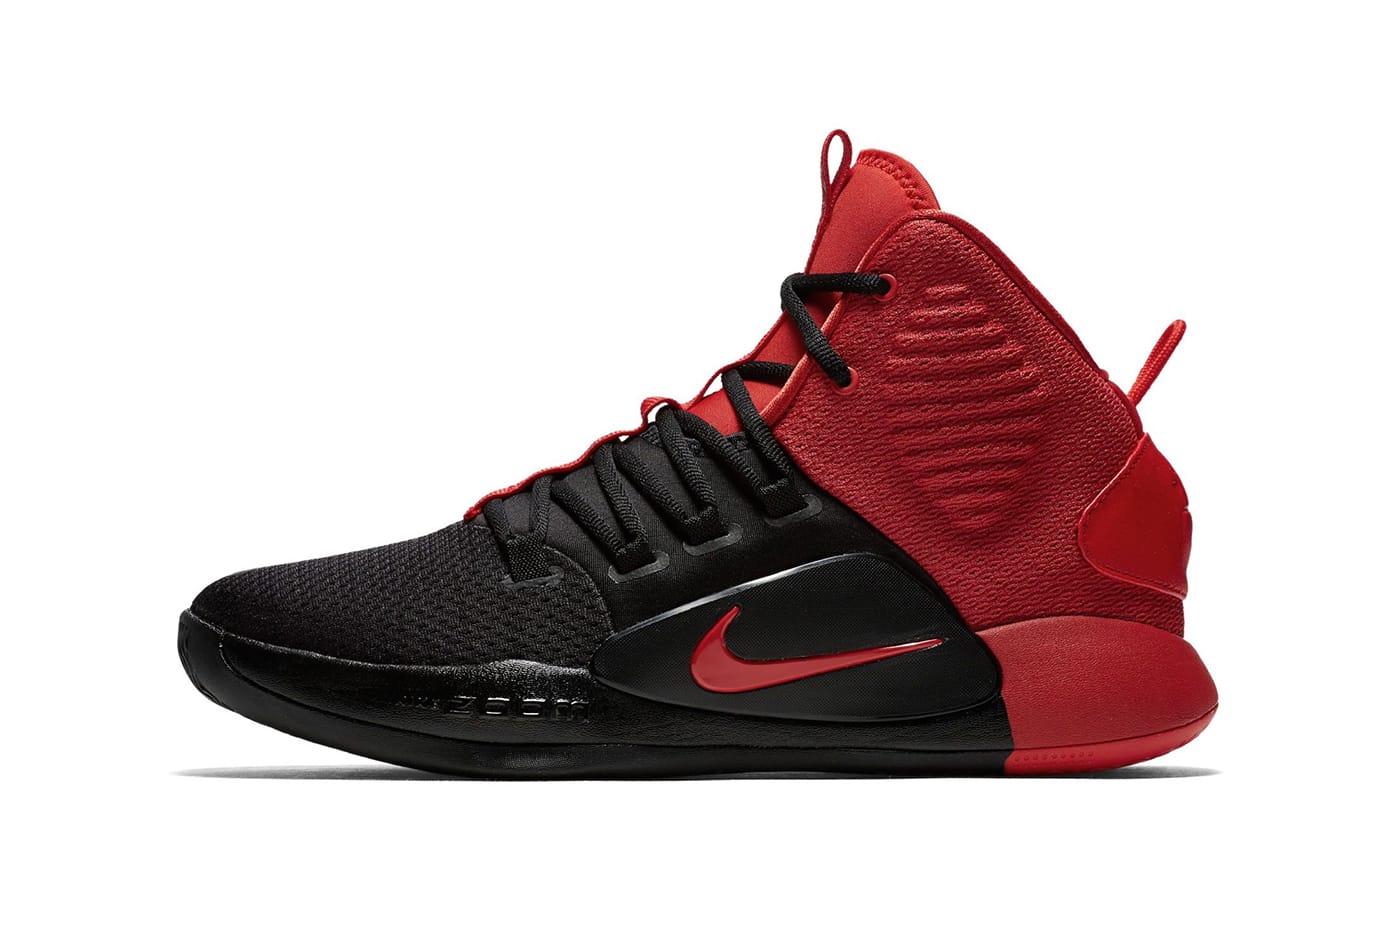 Nike Hyperdunk X Will Soon Debut in